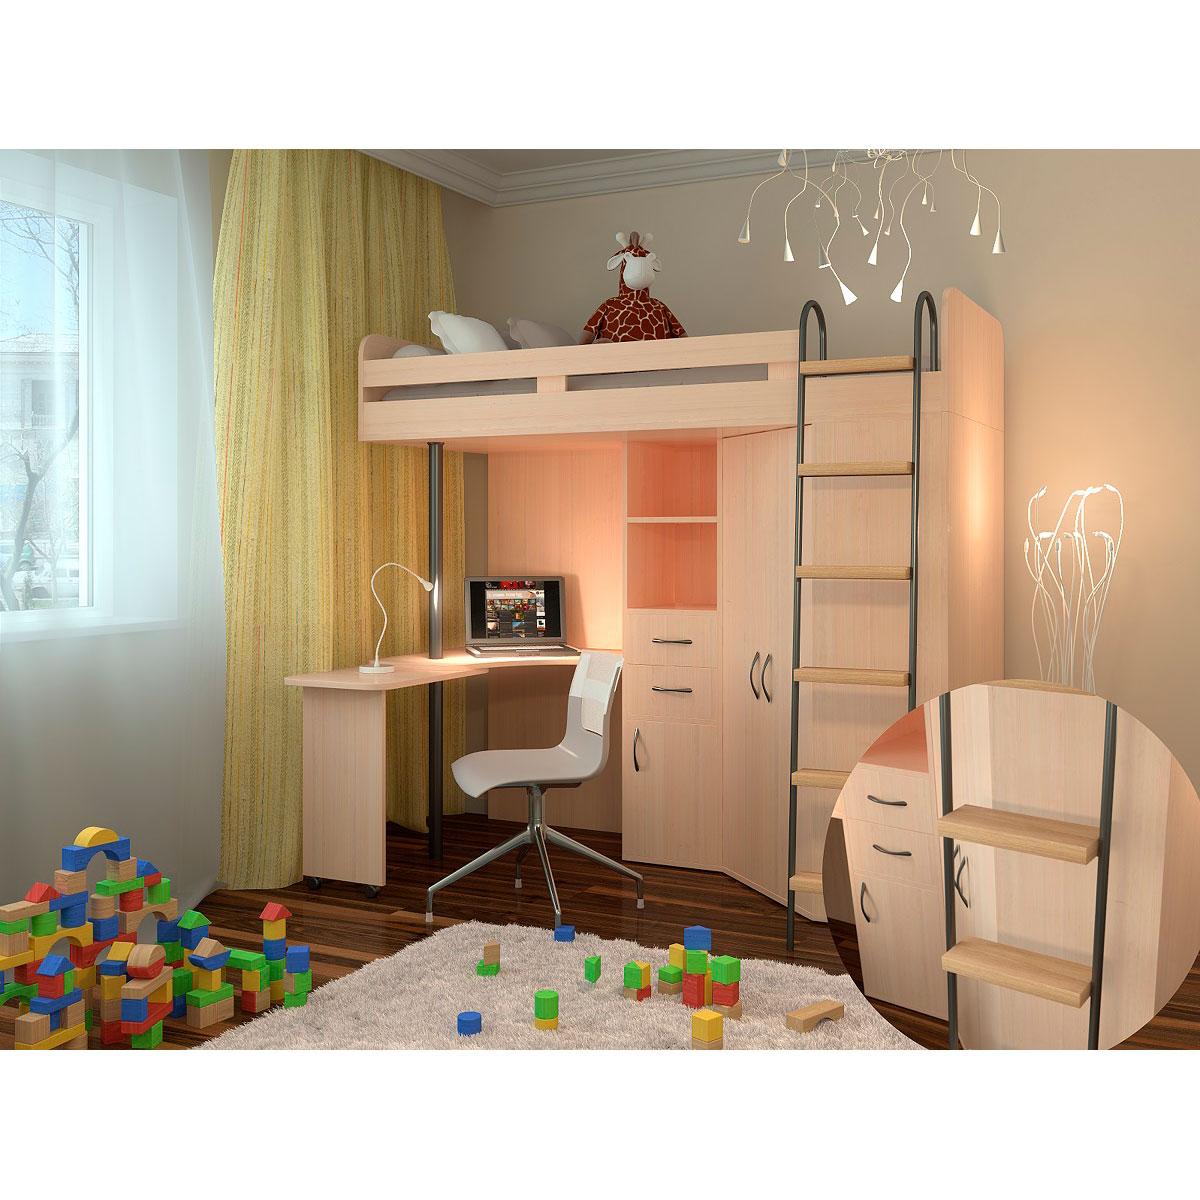 Набор мебели РВ-Мебель М85 Дуб молочный